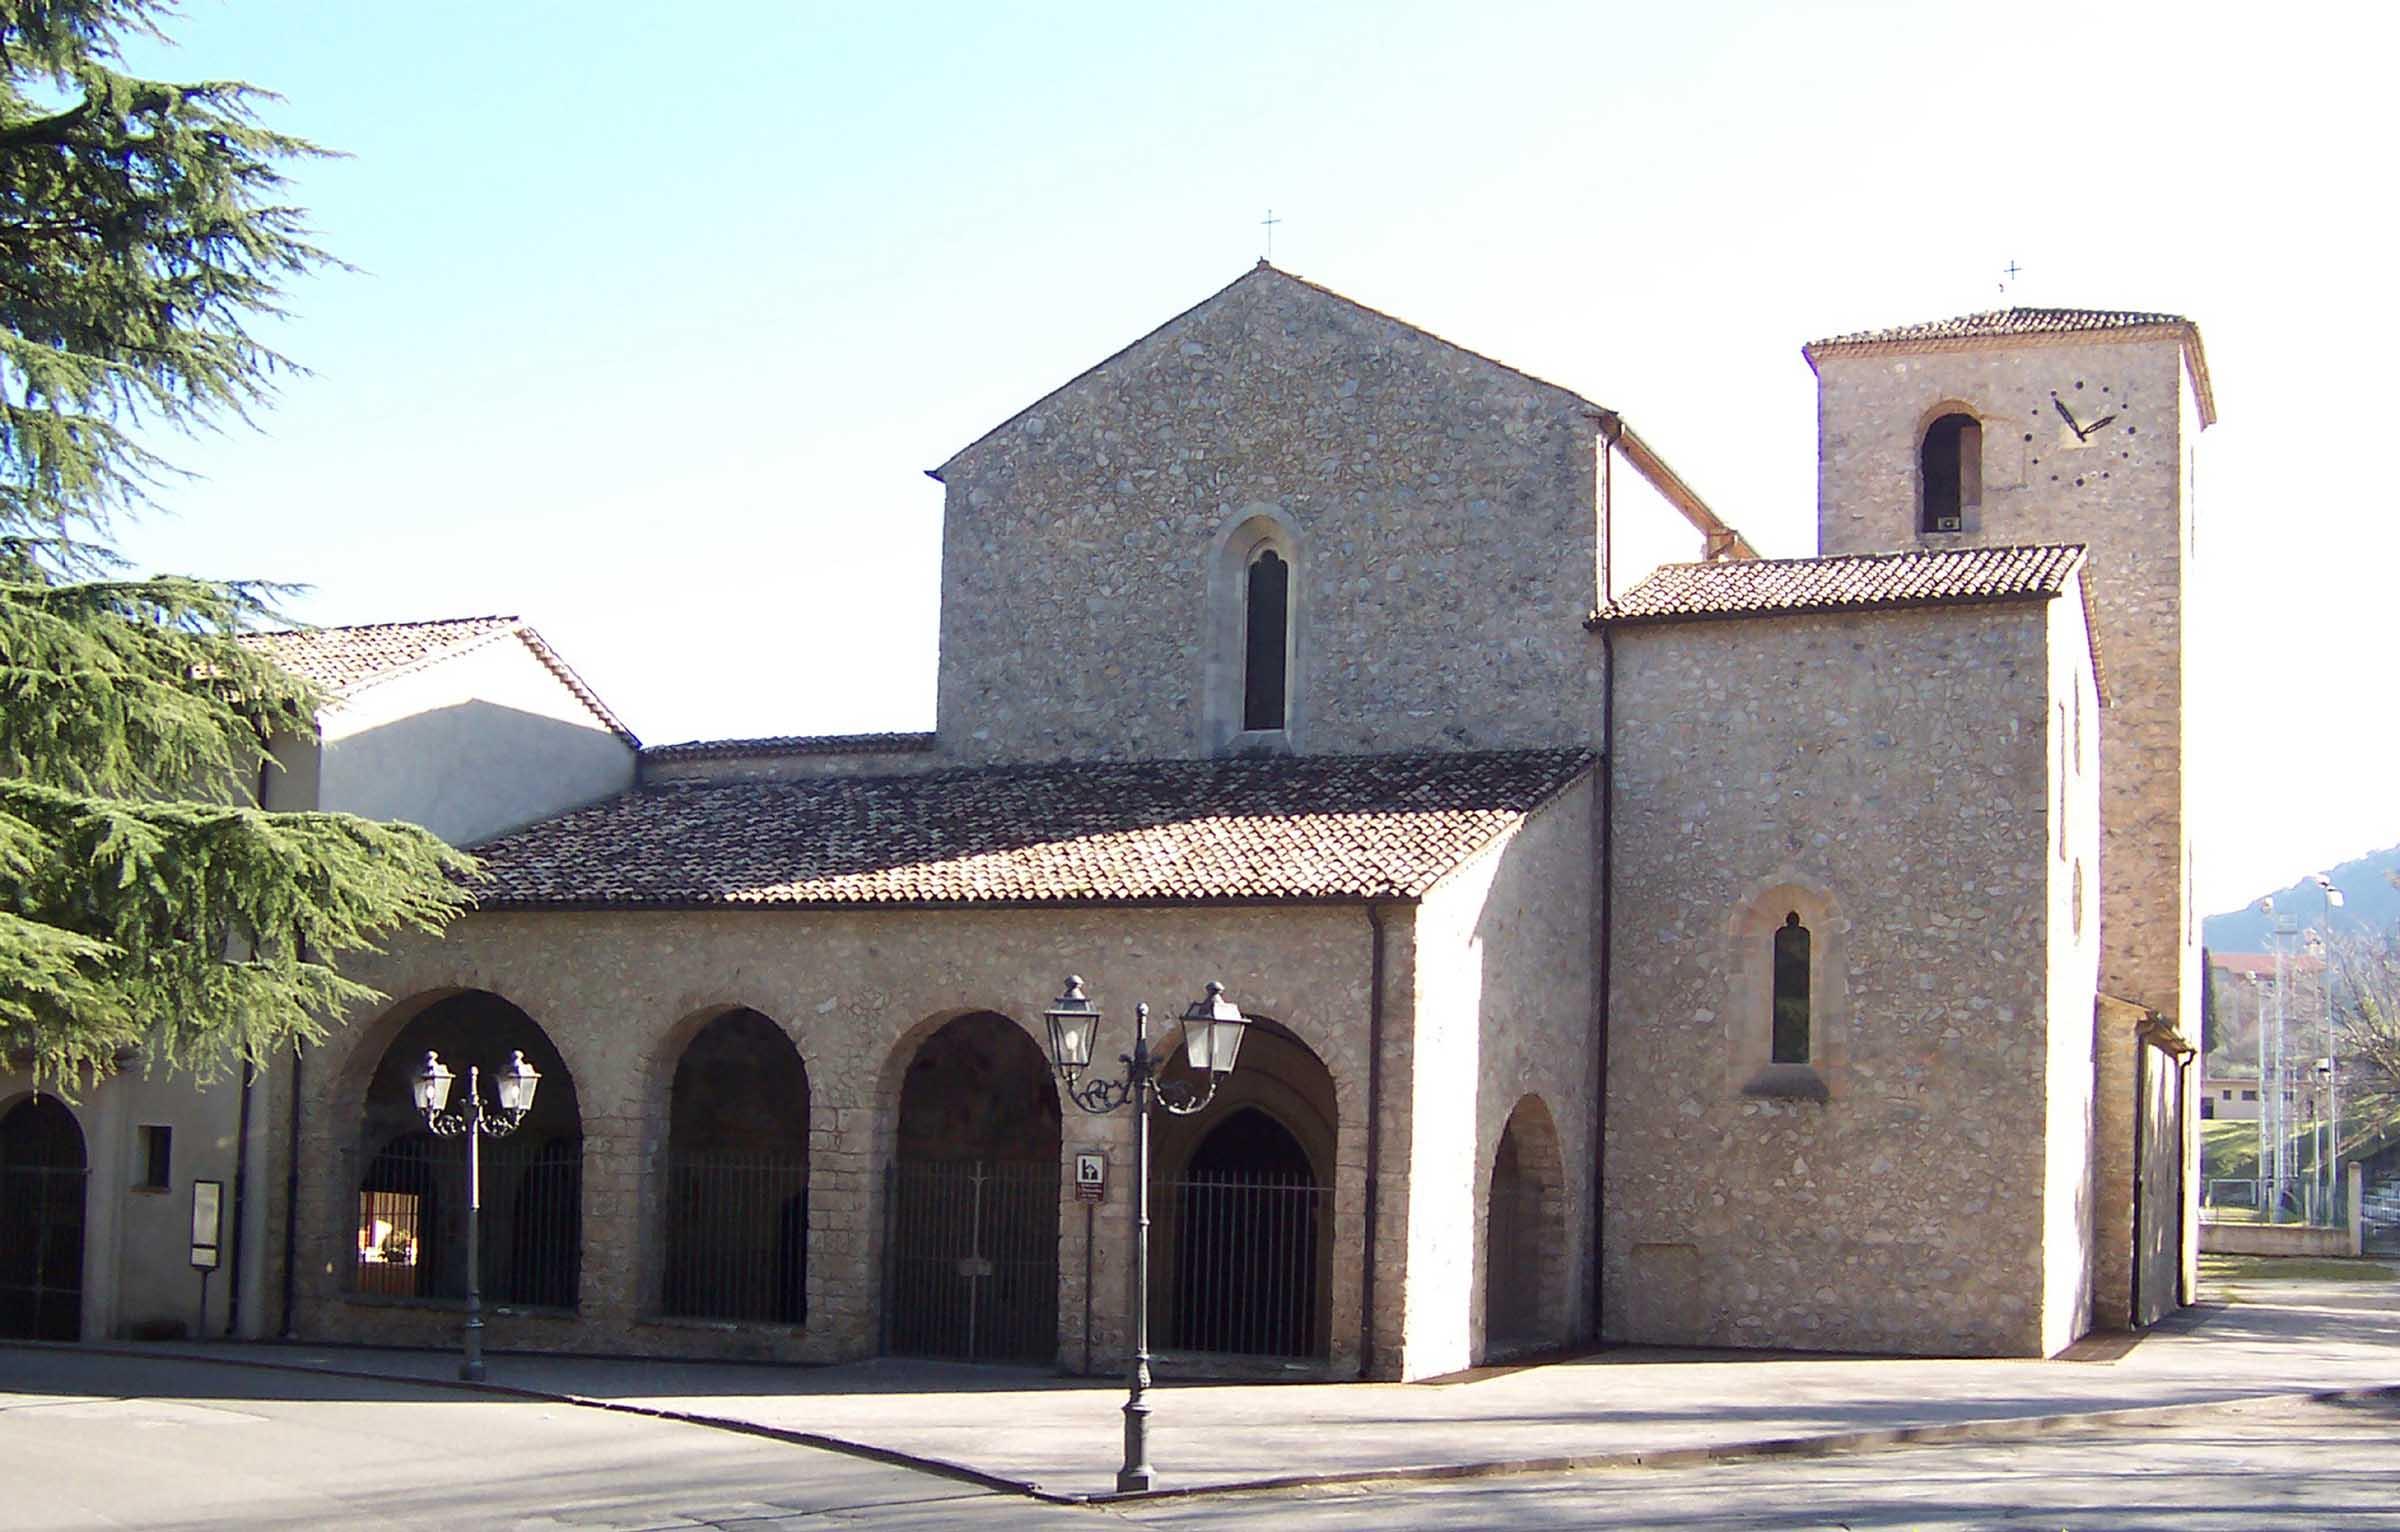 San Berardino